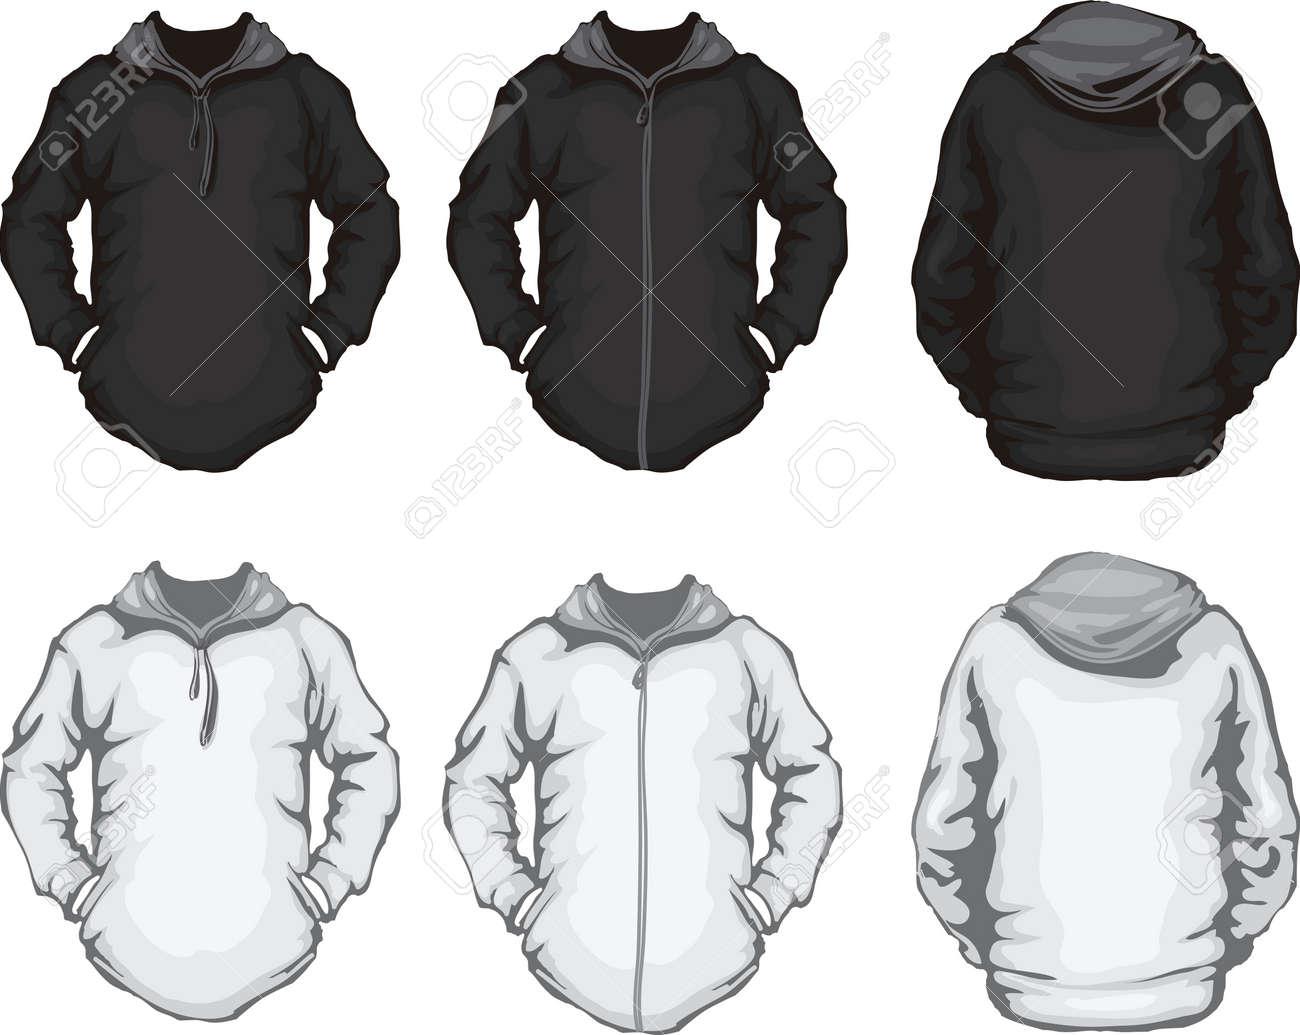 Vektor Illustration Der Schwarzen Und Weißen Hoodie